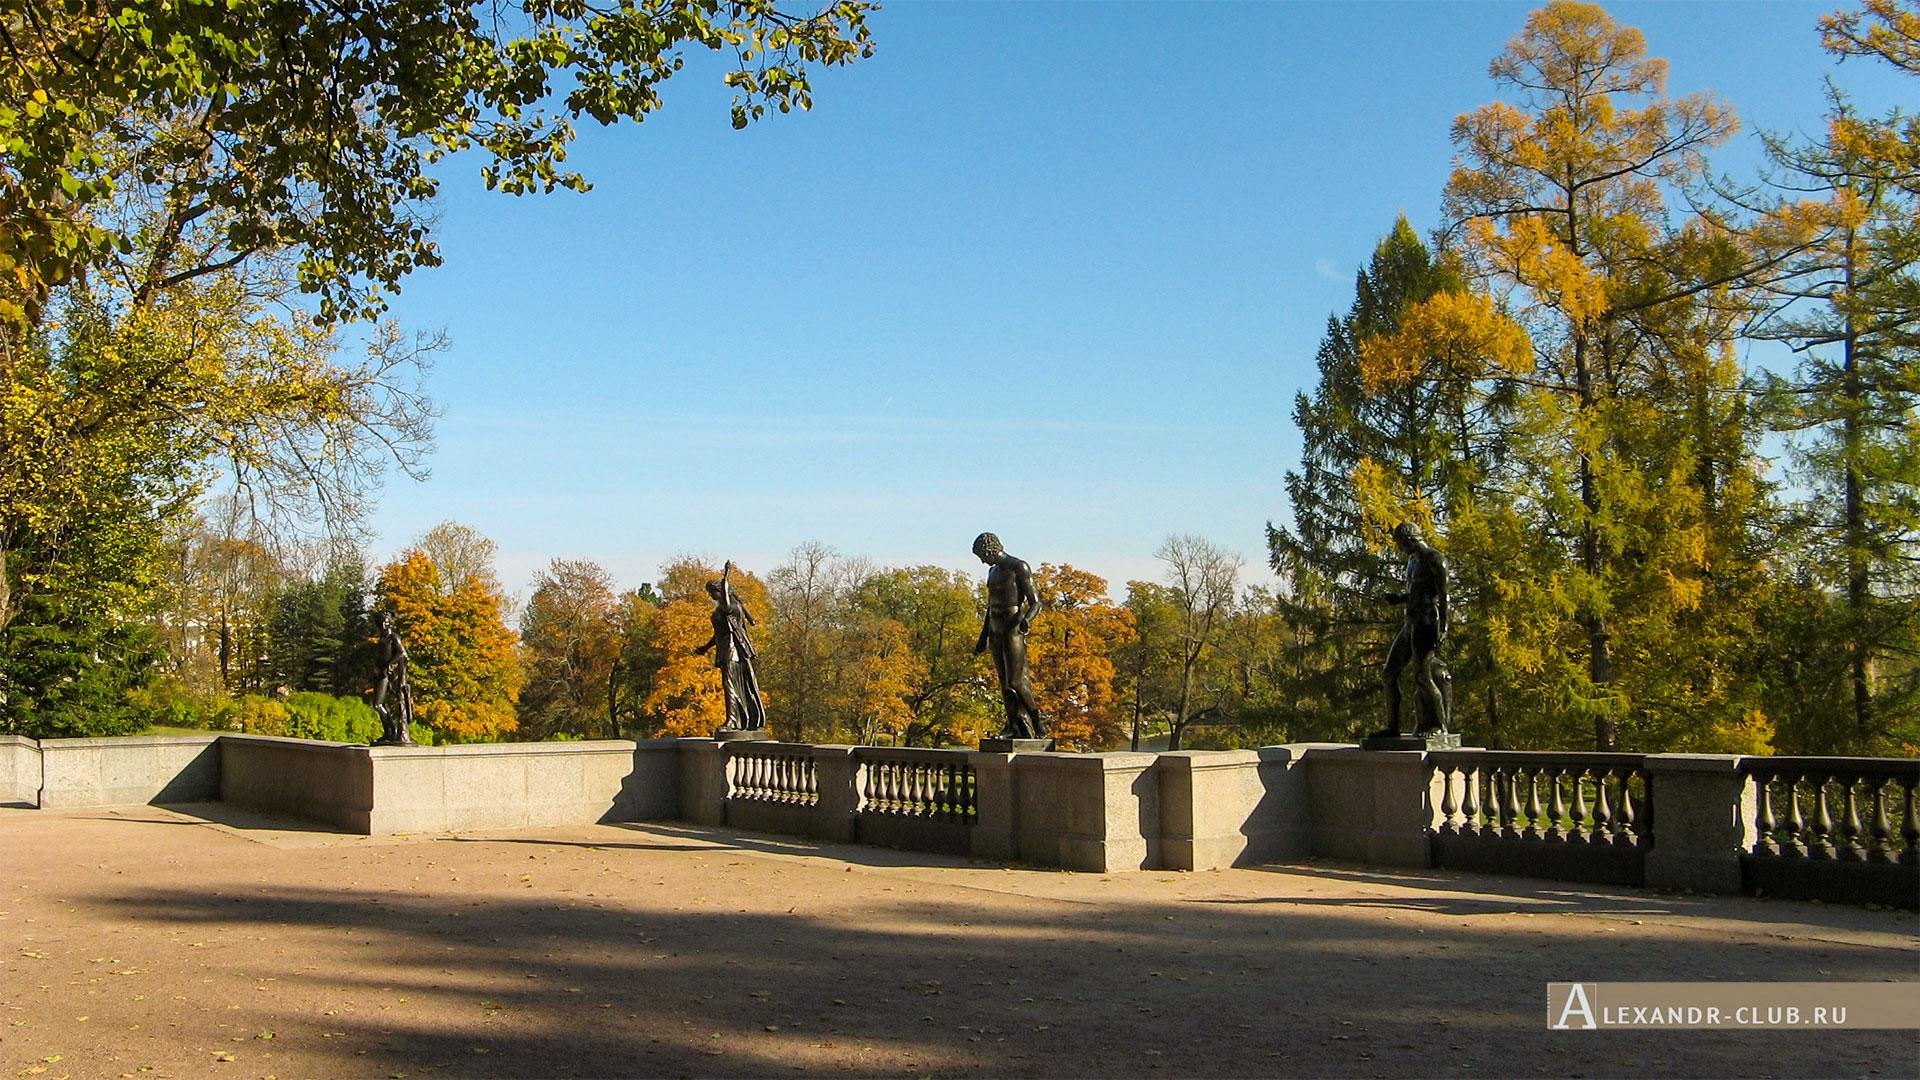 Царское Село, осень, Екатерининский парк, Гранитная терраса